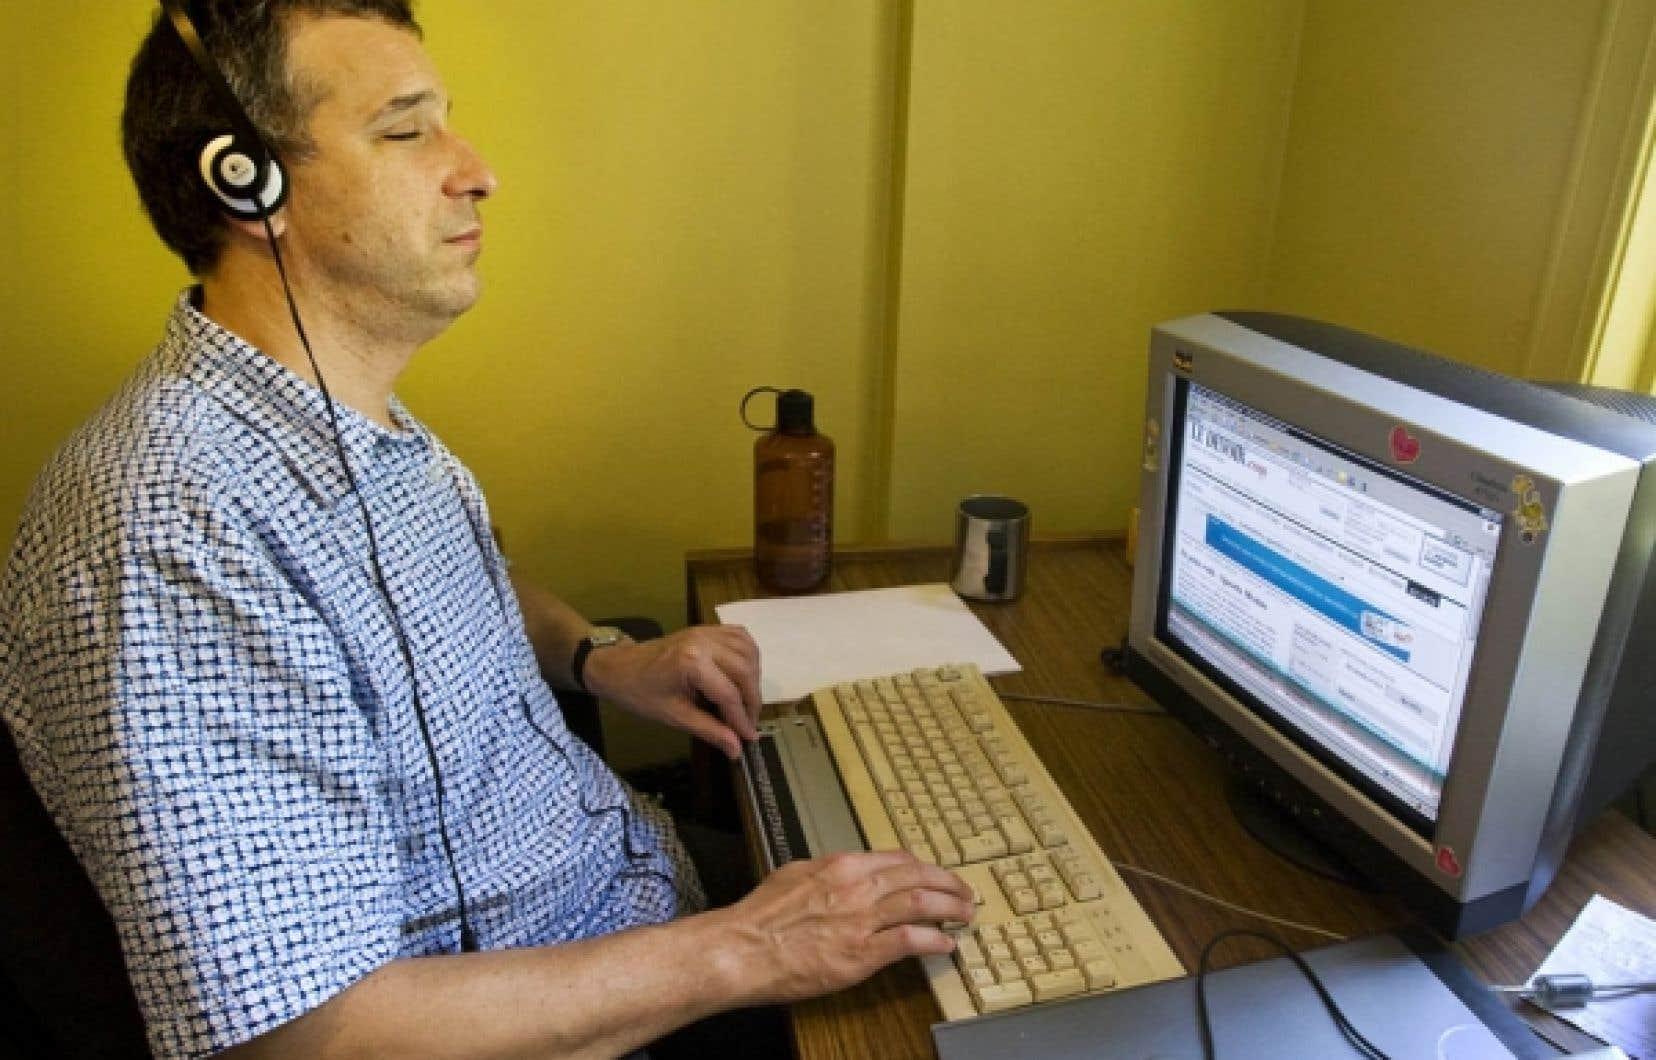 Atteint d'une maladie héréditaire des yeux, Luc Fortin s'informe dans Le Devoir grâce à un dispositif spécial de son ordinateur qui lui lit le texte à l'aide d'une voix mécanisée. Il peut aussi saisir une partie du texte et le lire en braille ligne par ligne sur une plaquette.<br />